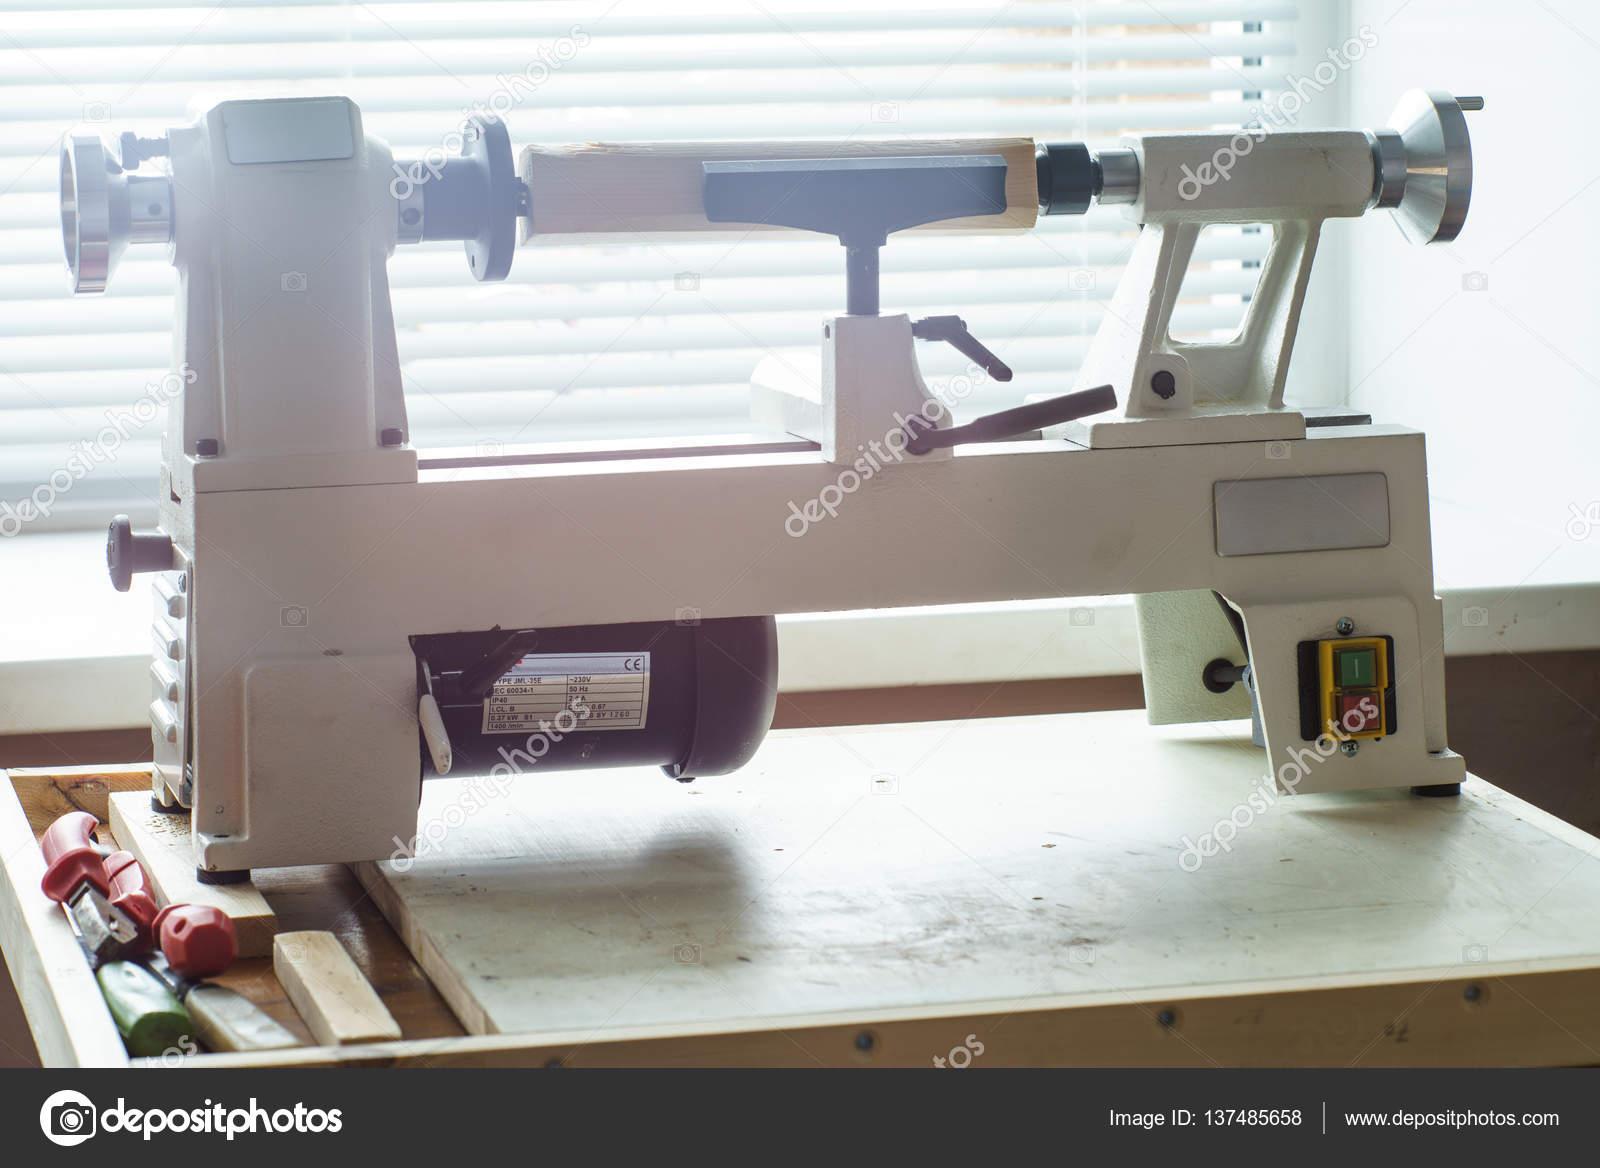 Macchine Per Lavorare Il Legno : Lavorazione del legno mini tornio u2014 foto stock © supertrooper #137485658